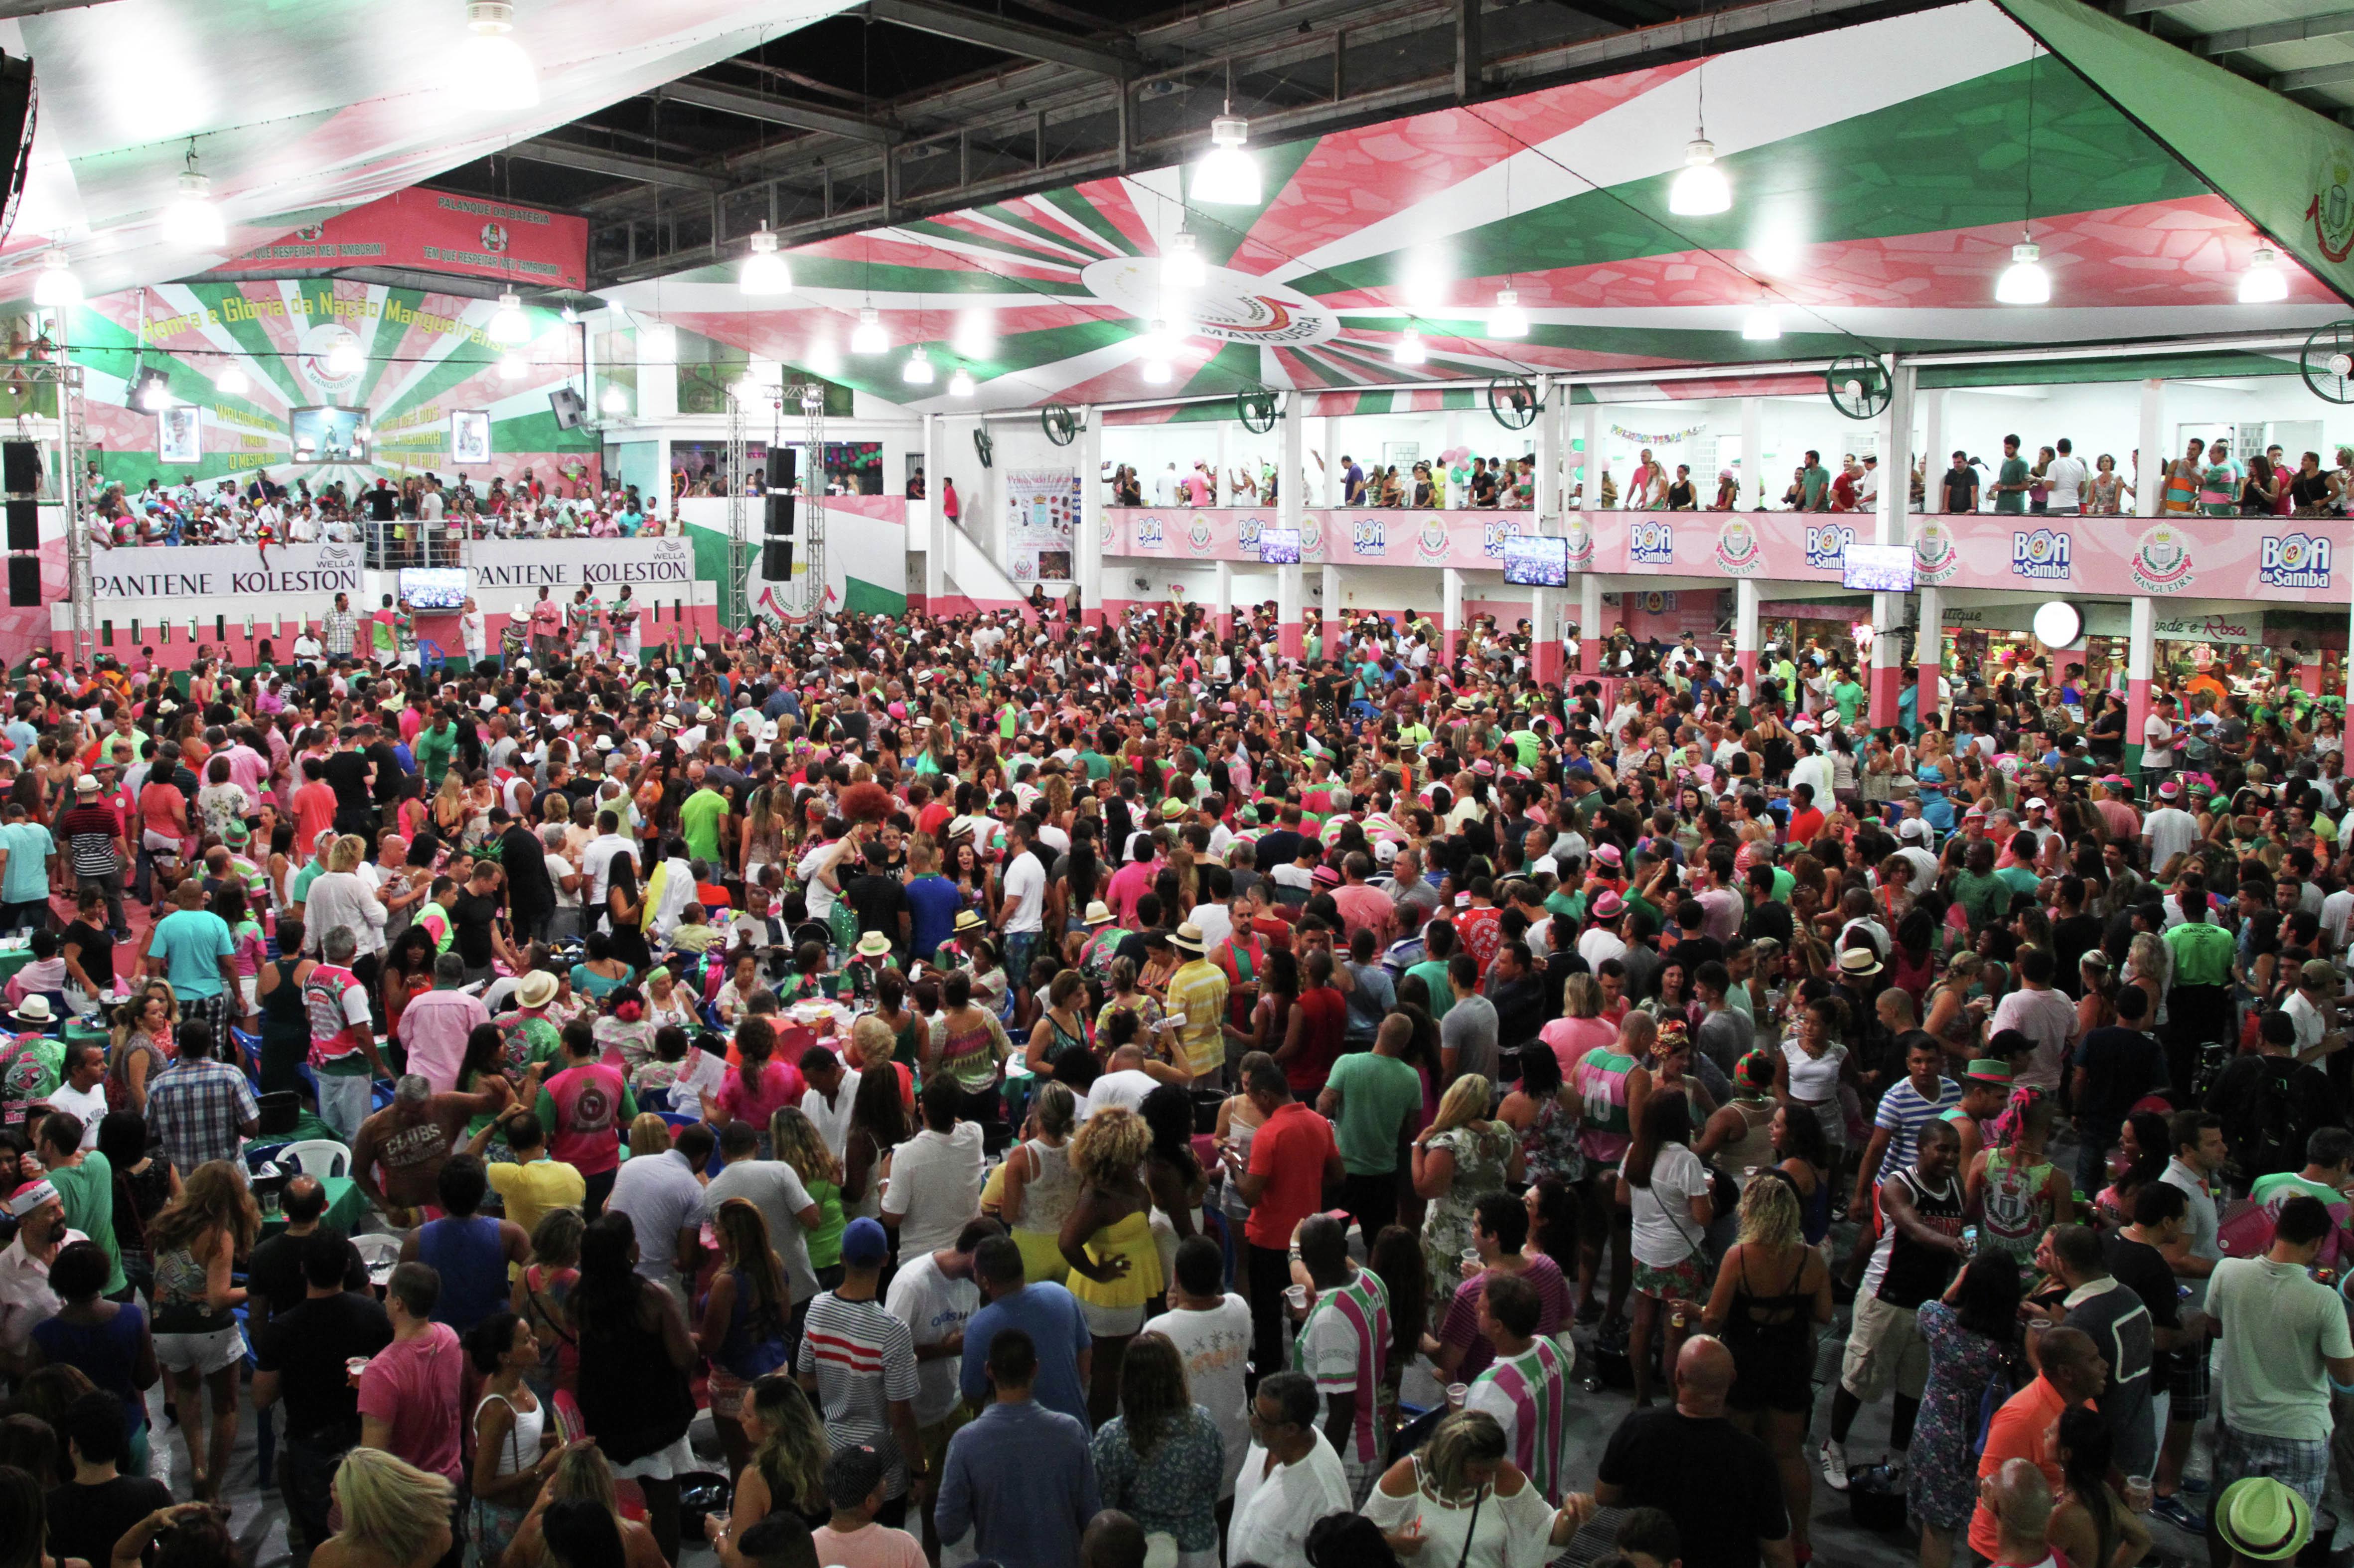 La escuela de samba de Estación Primera de Mangueira repleta de gente durante uno de los ensayos técnicos